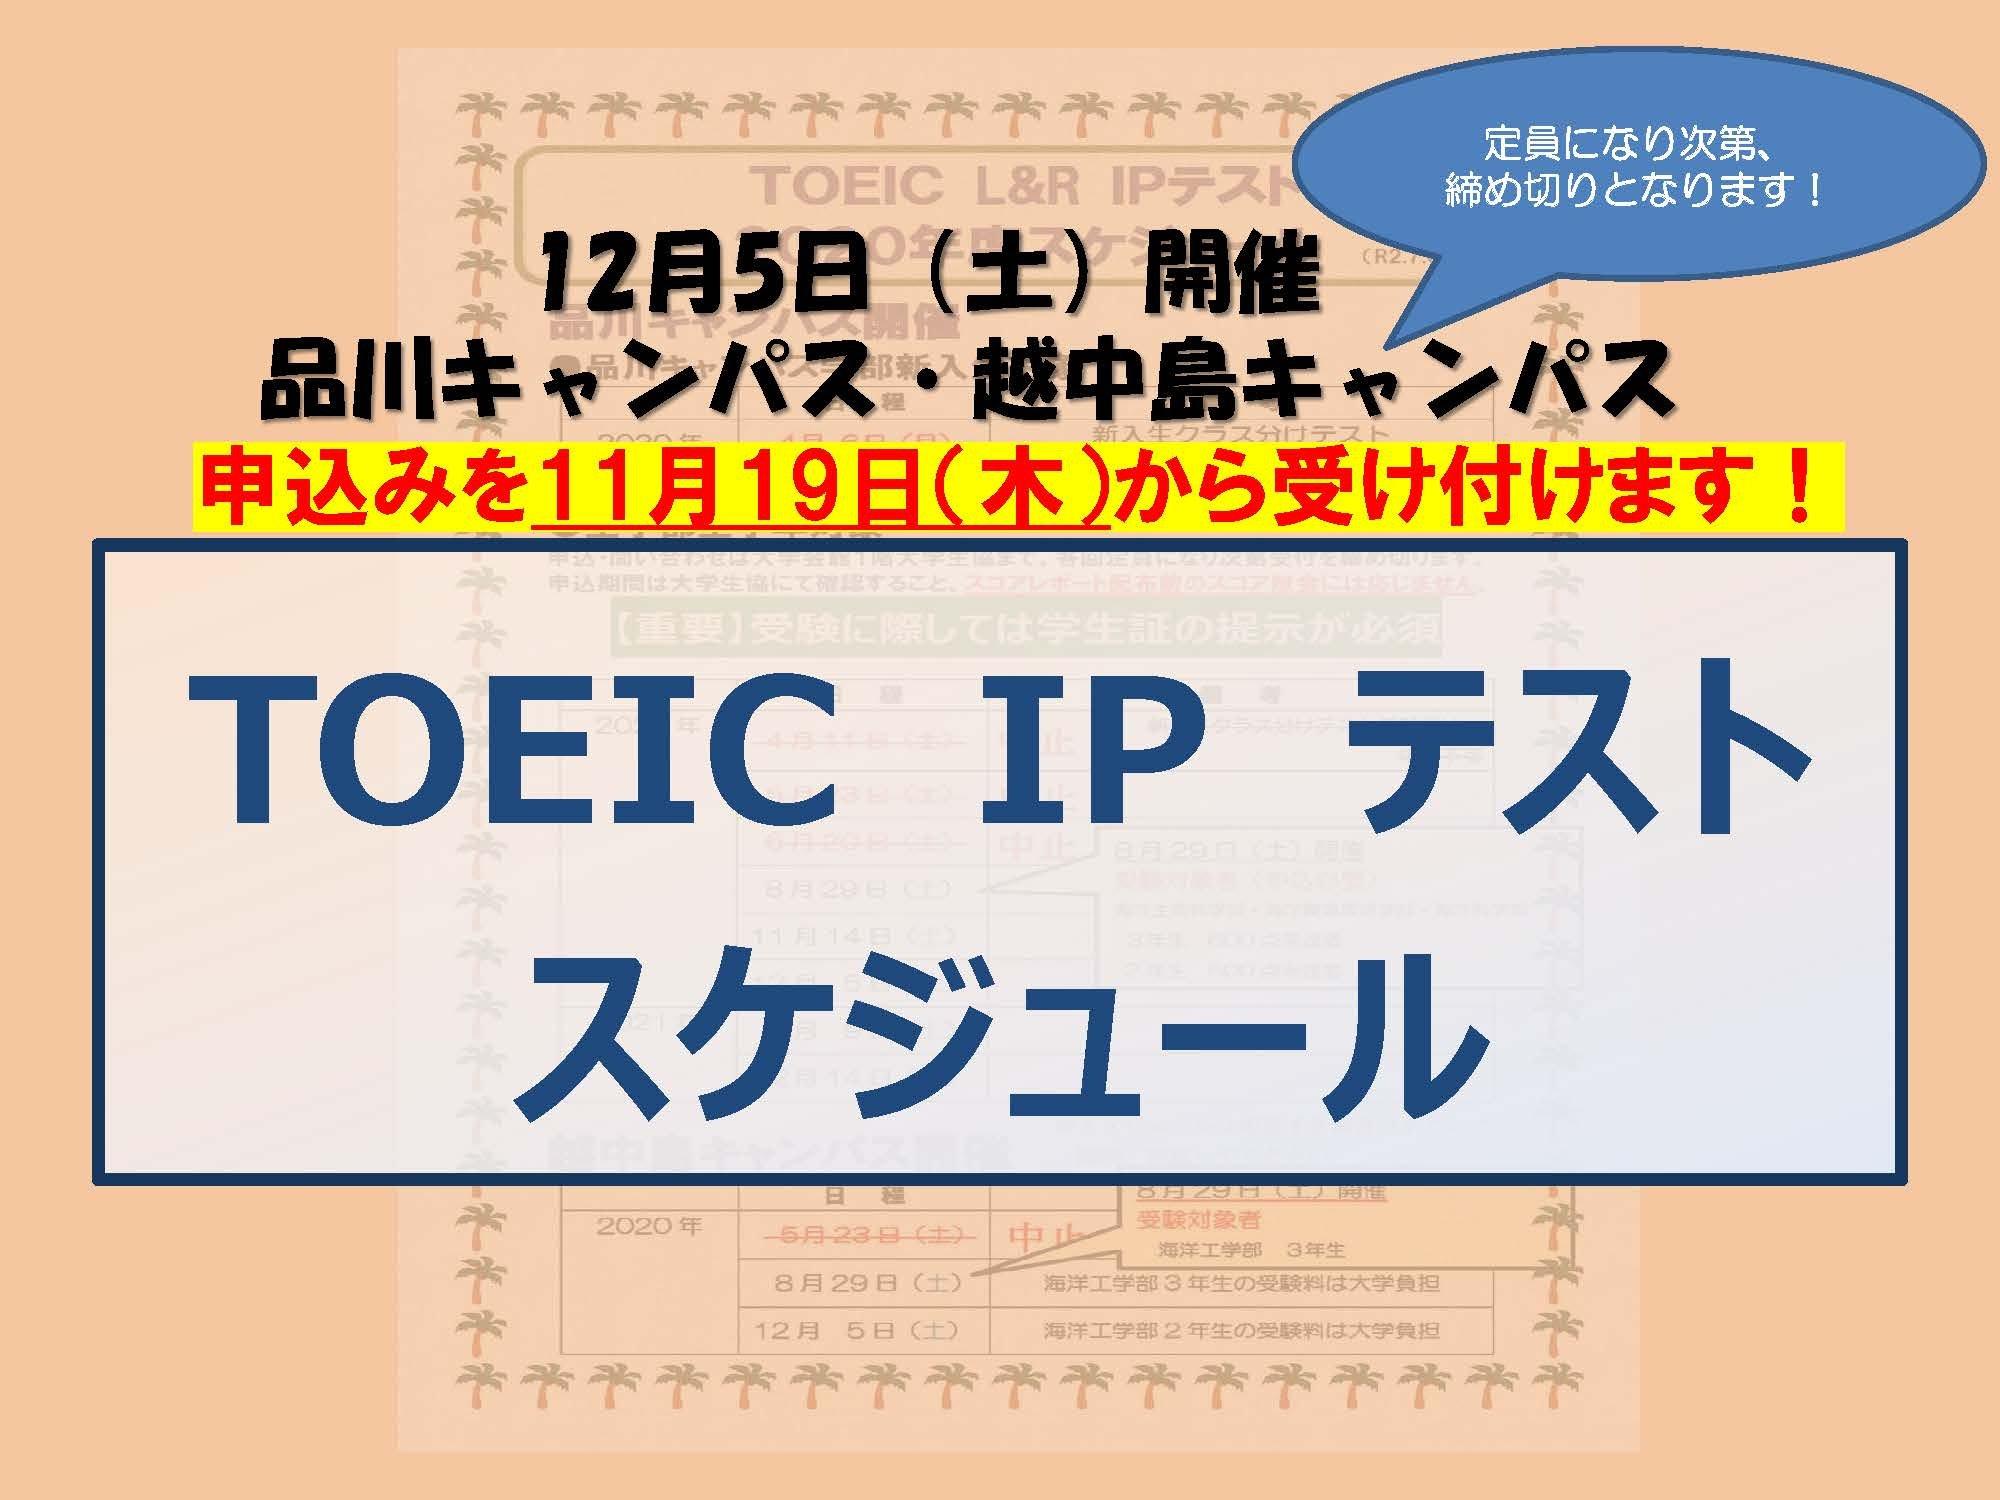 TOEIC IPテストスケジュール(12月5日(土)申込みについて)